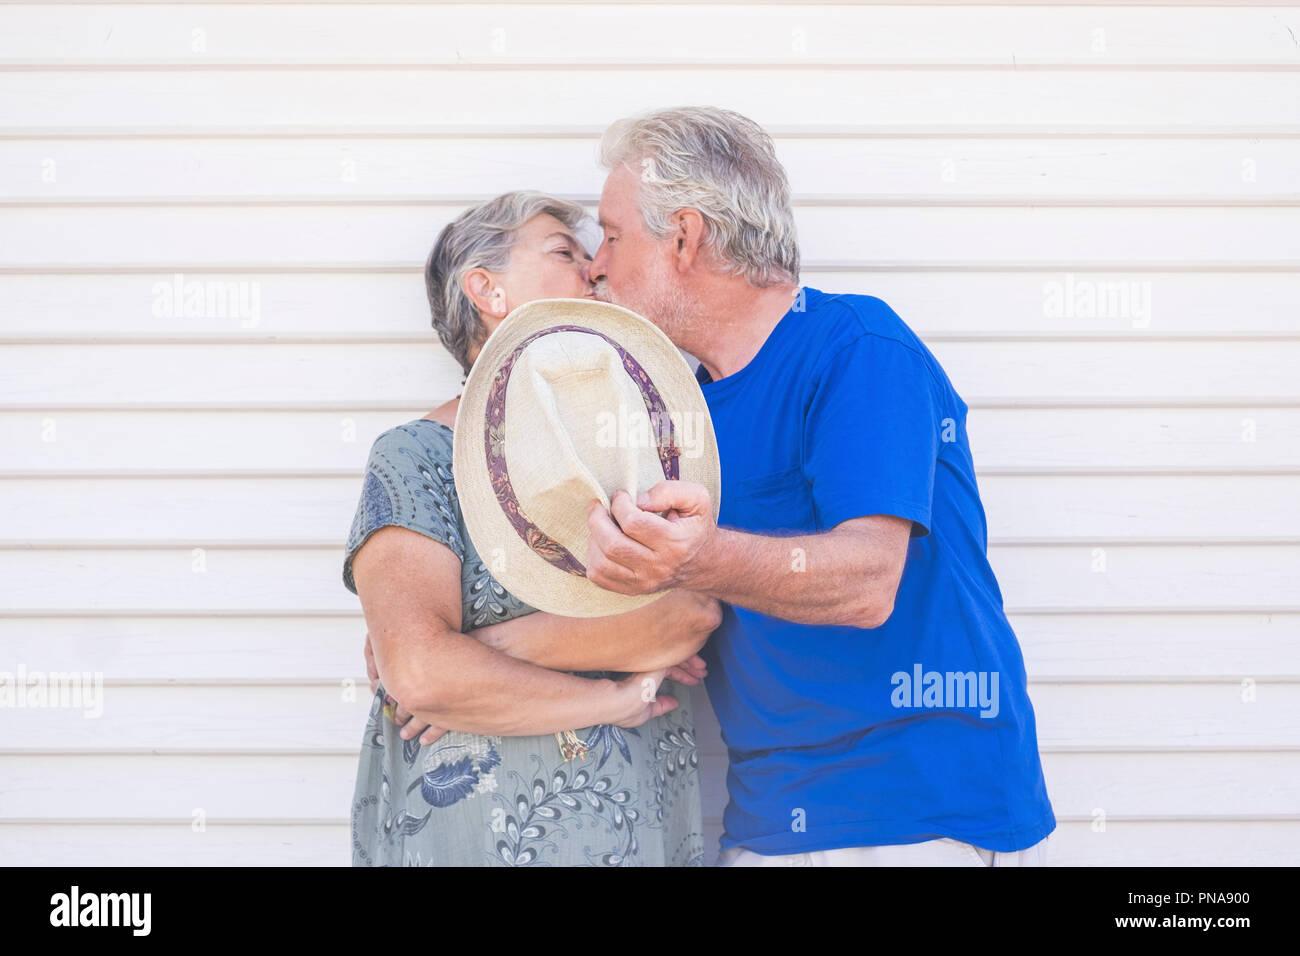 Il giorno di San Valentino concetto con anziani bella coppia senior kissing hidding con un cappello beige con un legno bianco parete di sfondo dietro di loro. amore e Immagini Stock